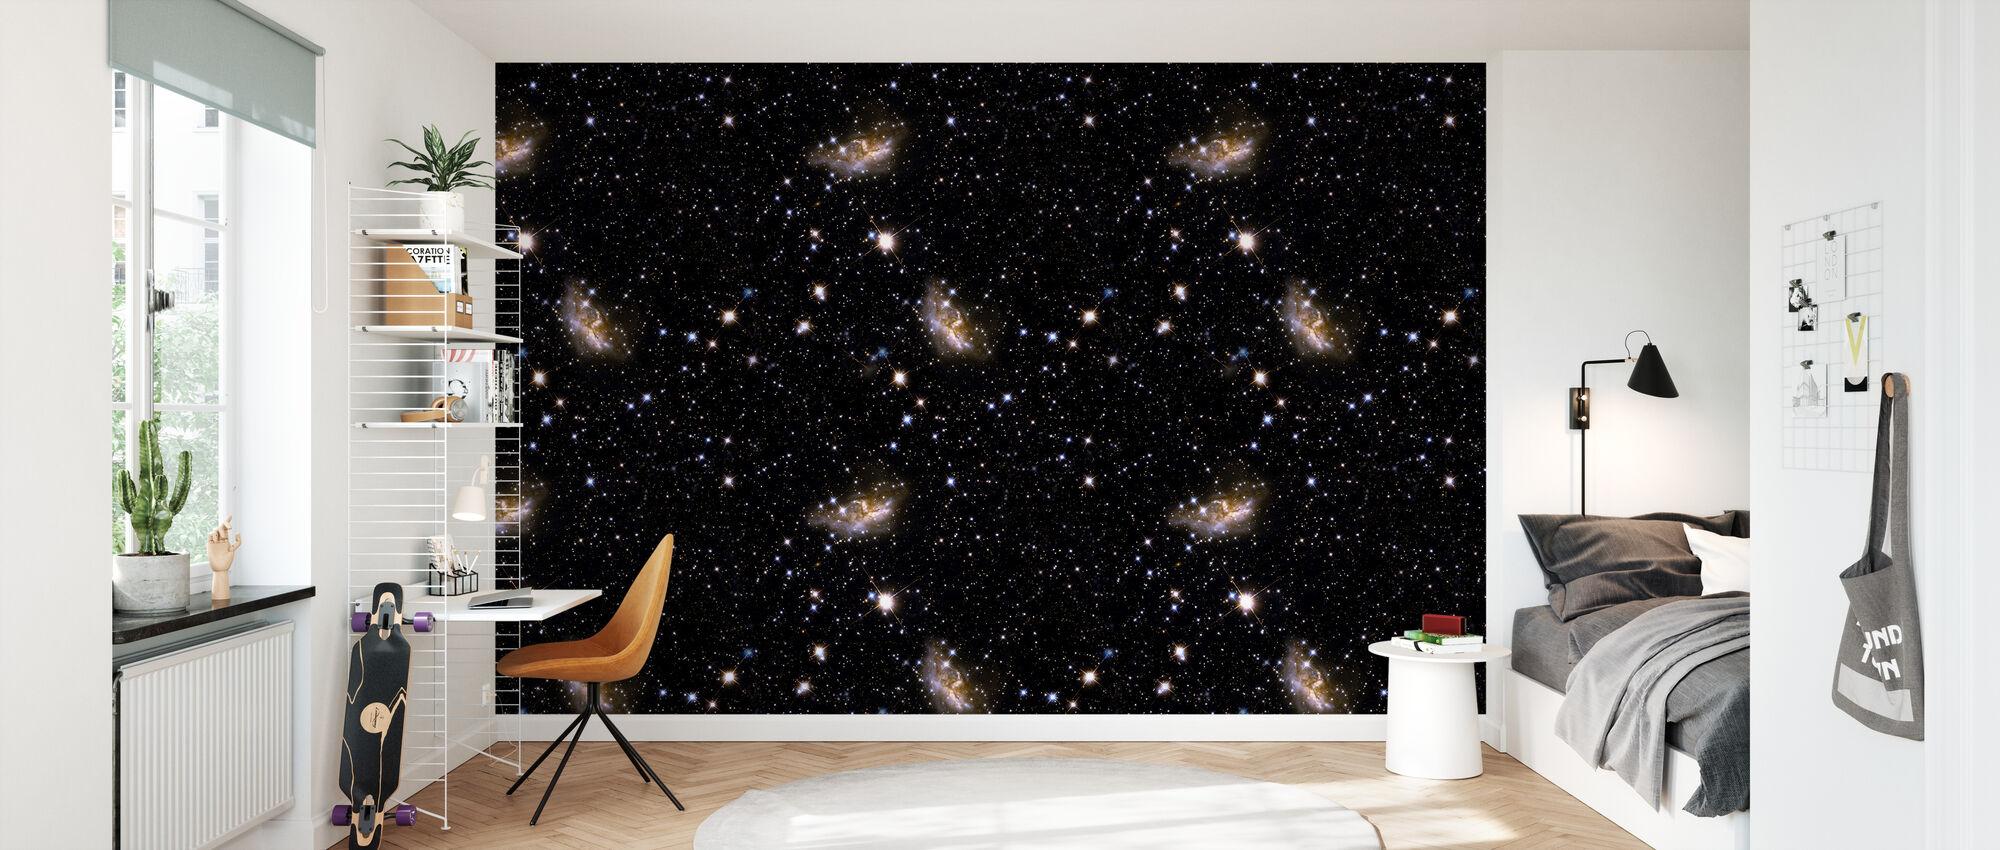 Galaxy Storm - Wallpaper - Kids Room